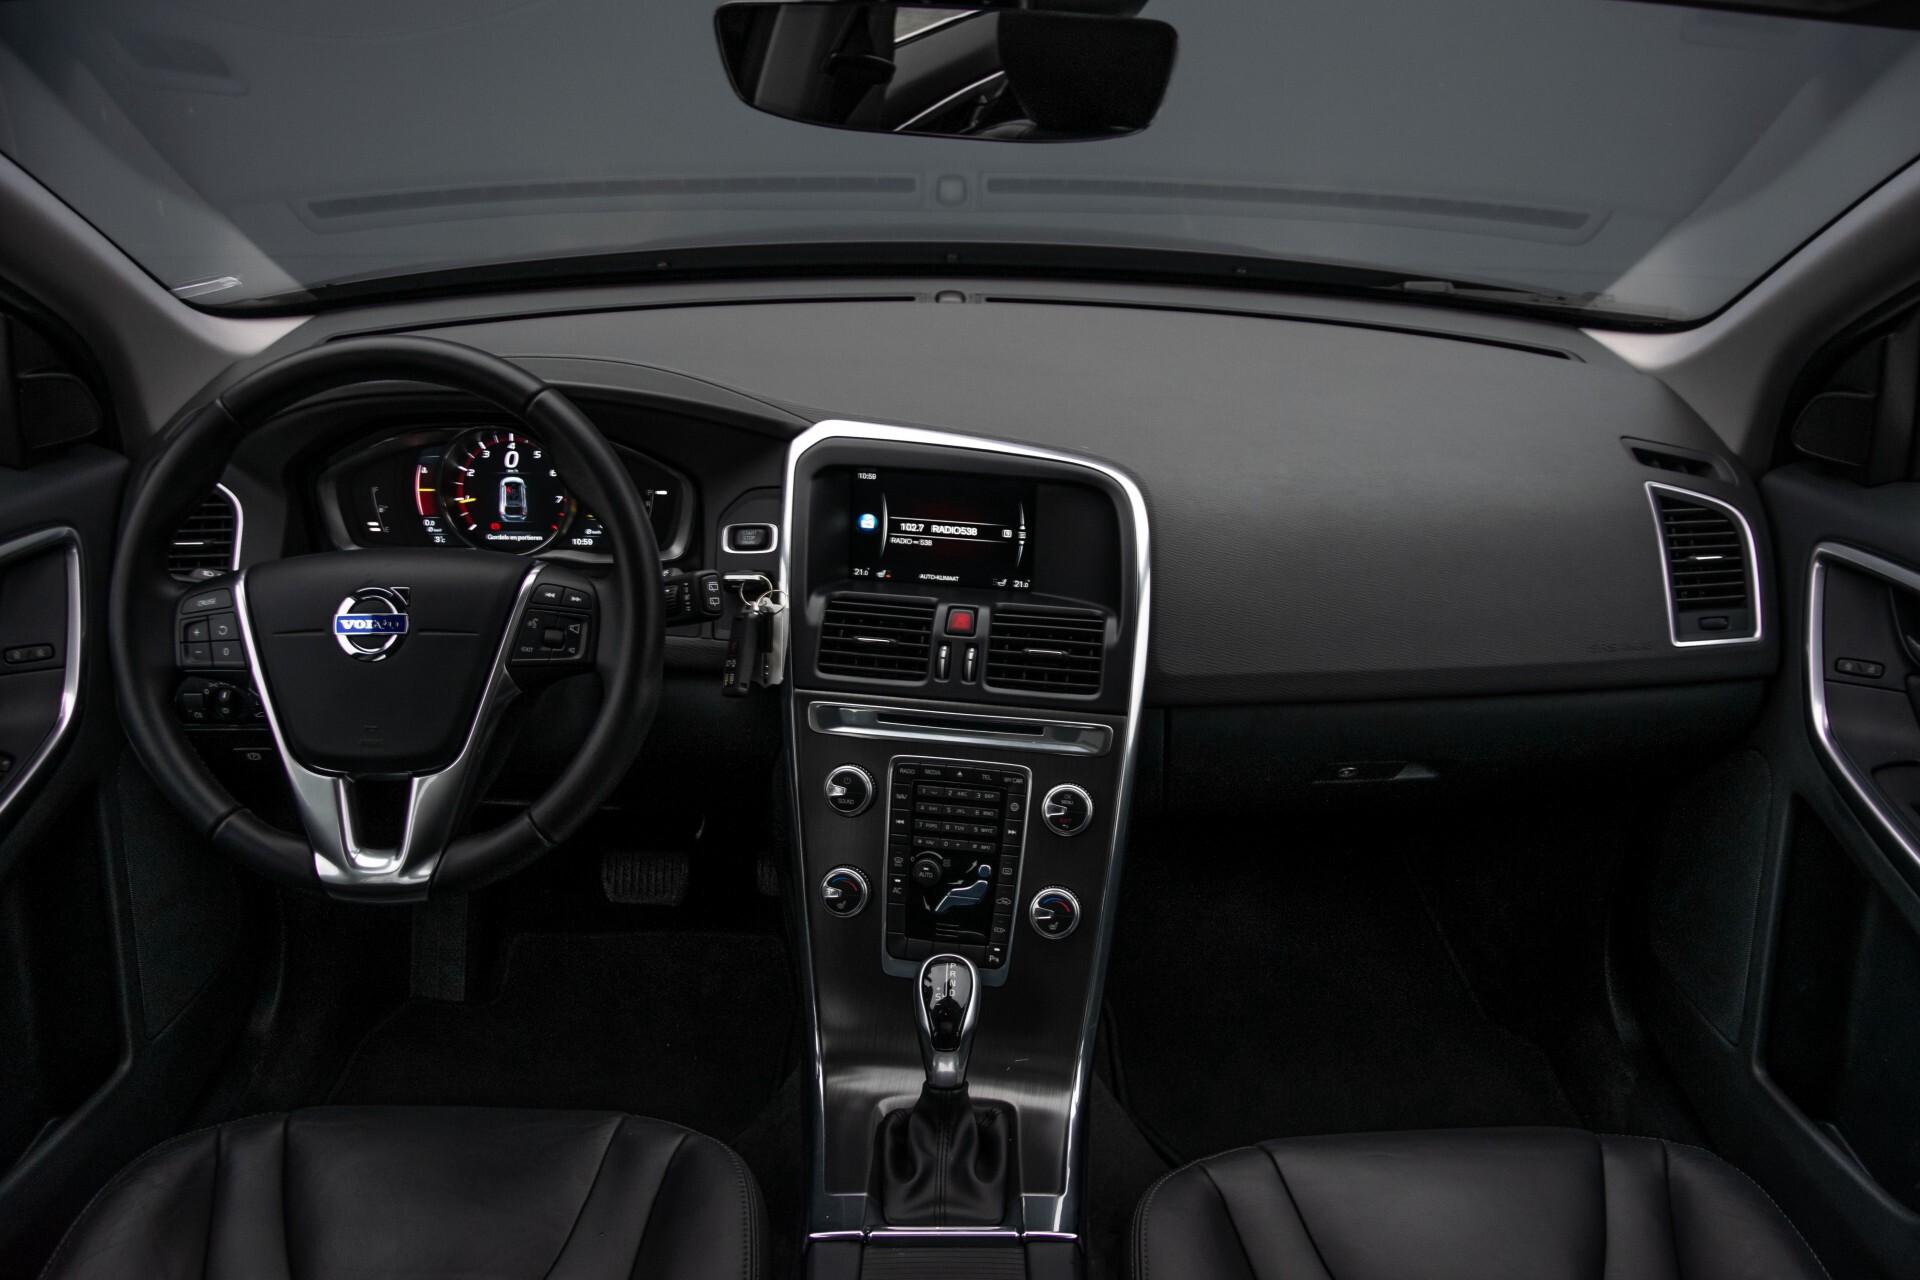 Volvo XC60 2.0 T5 FWD Ocean Race Panorama/Leer/Dealer OH Aut8 Foto 8